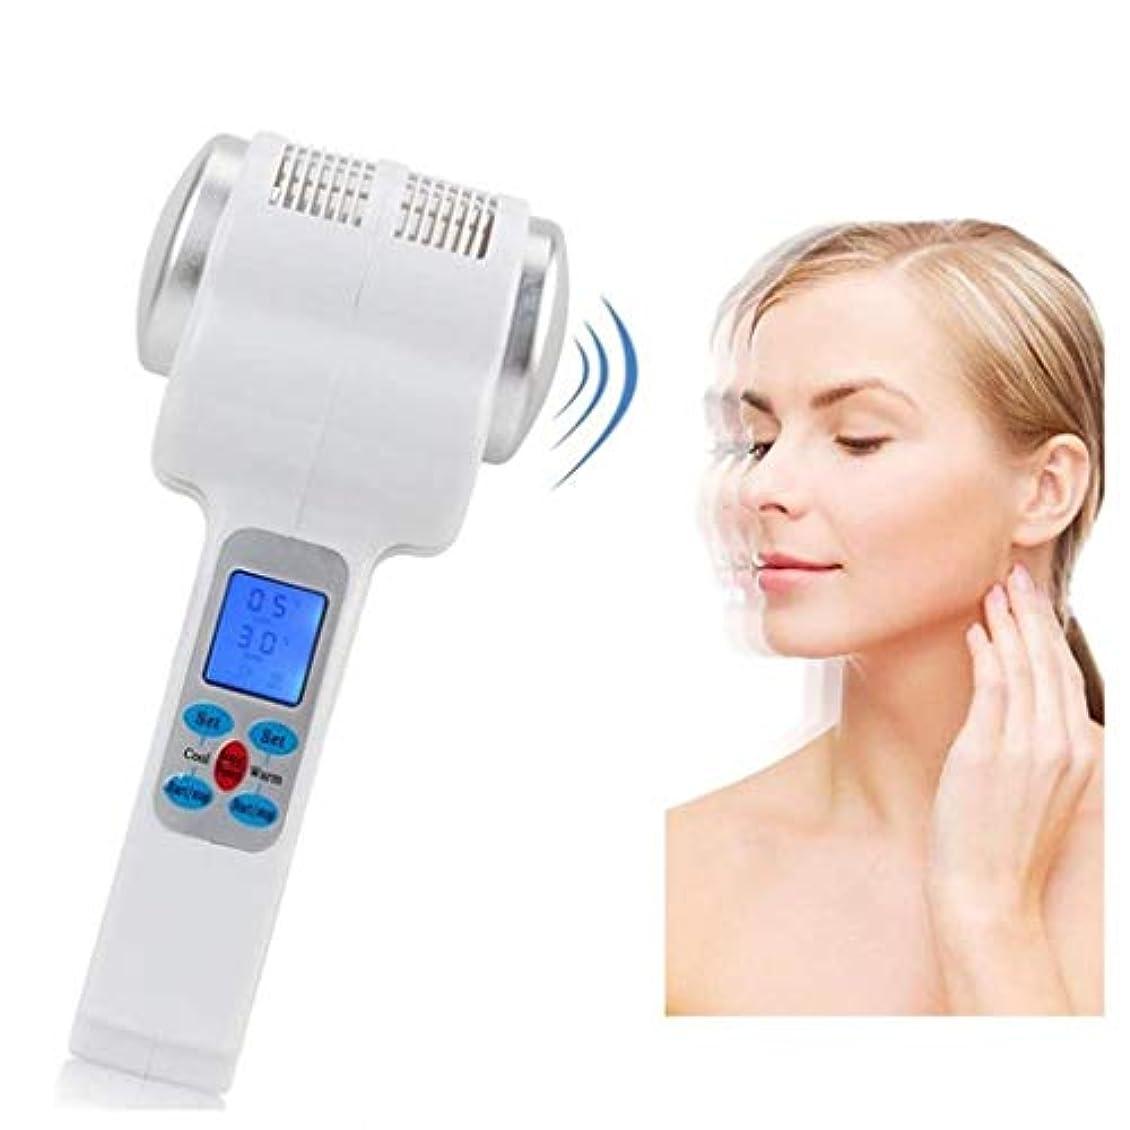 サミュエル追加事業内容美容器具、顔の振動マッサージ、ホット凍結療法、リフティングフェイシャルスキンビューティーマシン、肌を引き締めて細い線を改善する